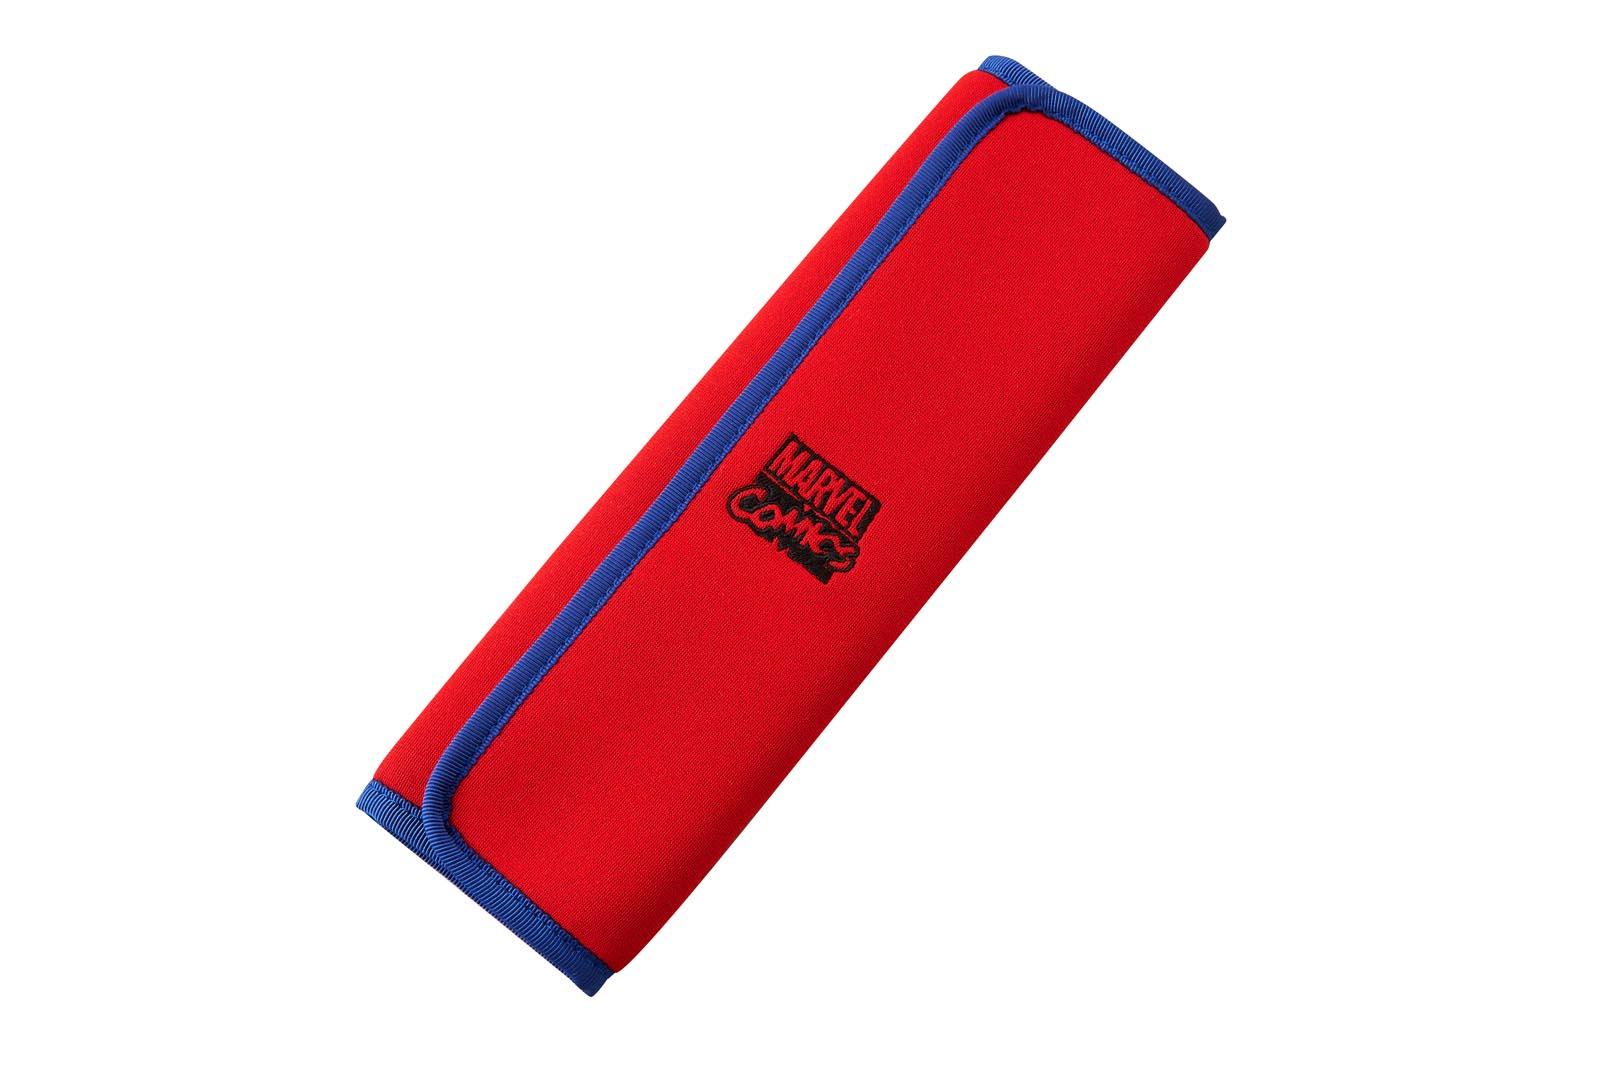 ダイハツ DAIHATSU マーベル MARVEL スパイダーマン カラー 大規模セール 新品未使用正規品 シートベルトパッド